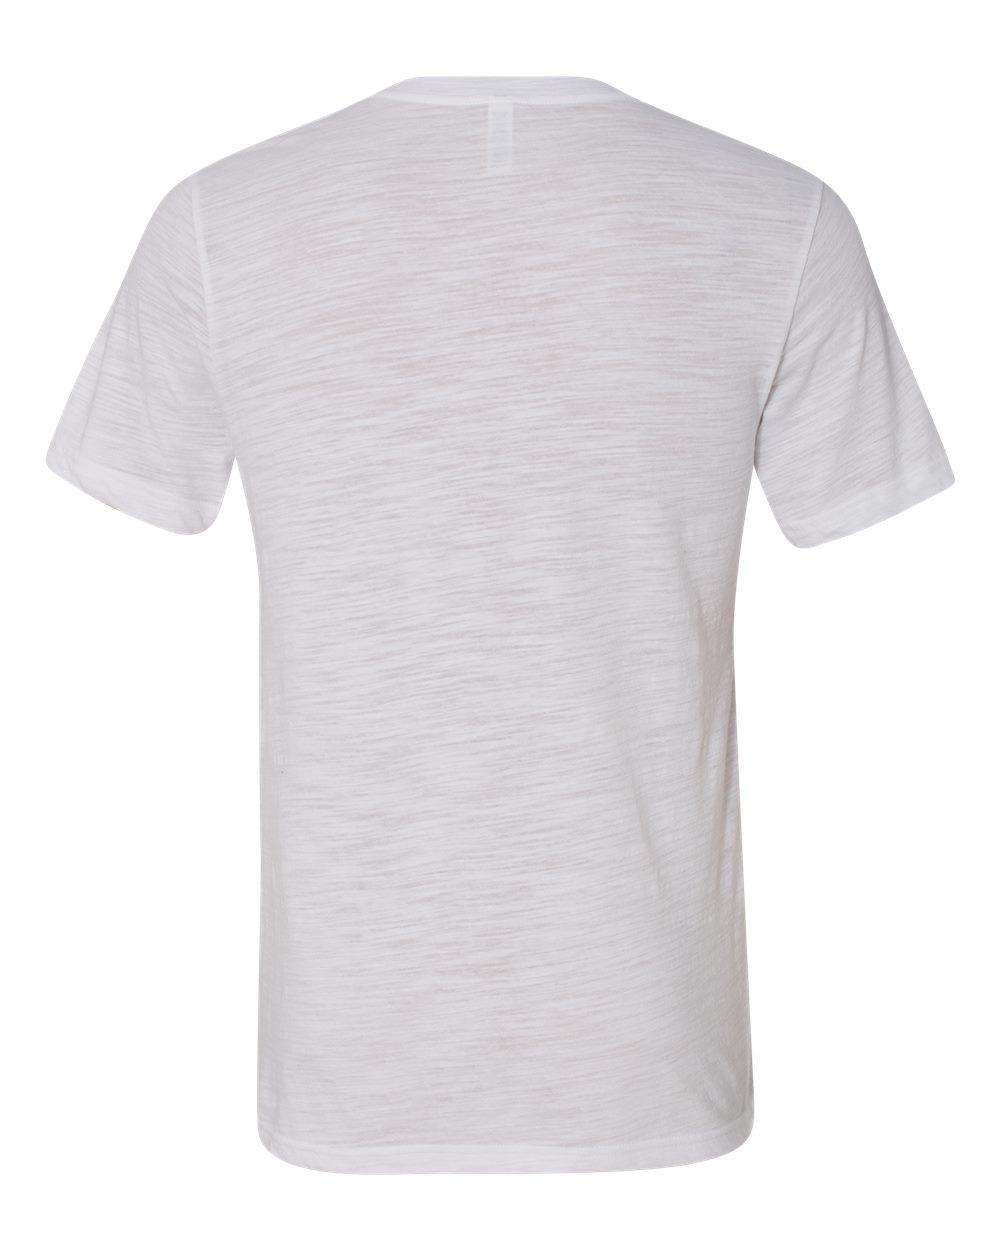 Bella-Canvas-Men-039-s-Jersey-Short-Sleeve-V-Neck-T-Shirt-3005-XS-3XL thumbnail 95